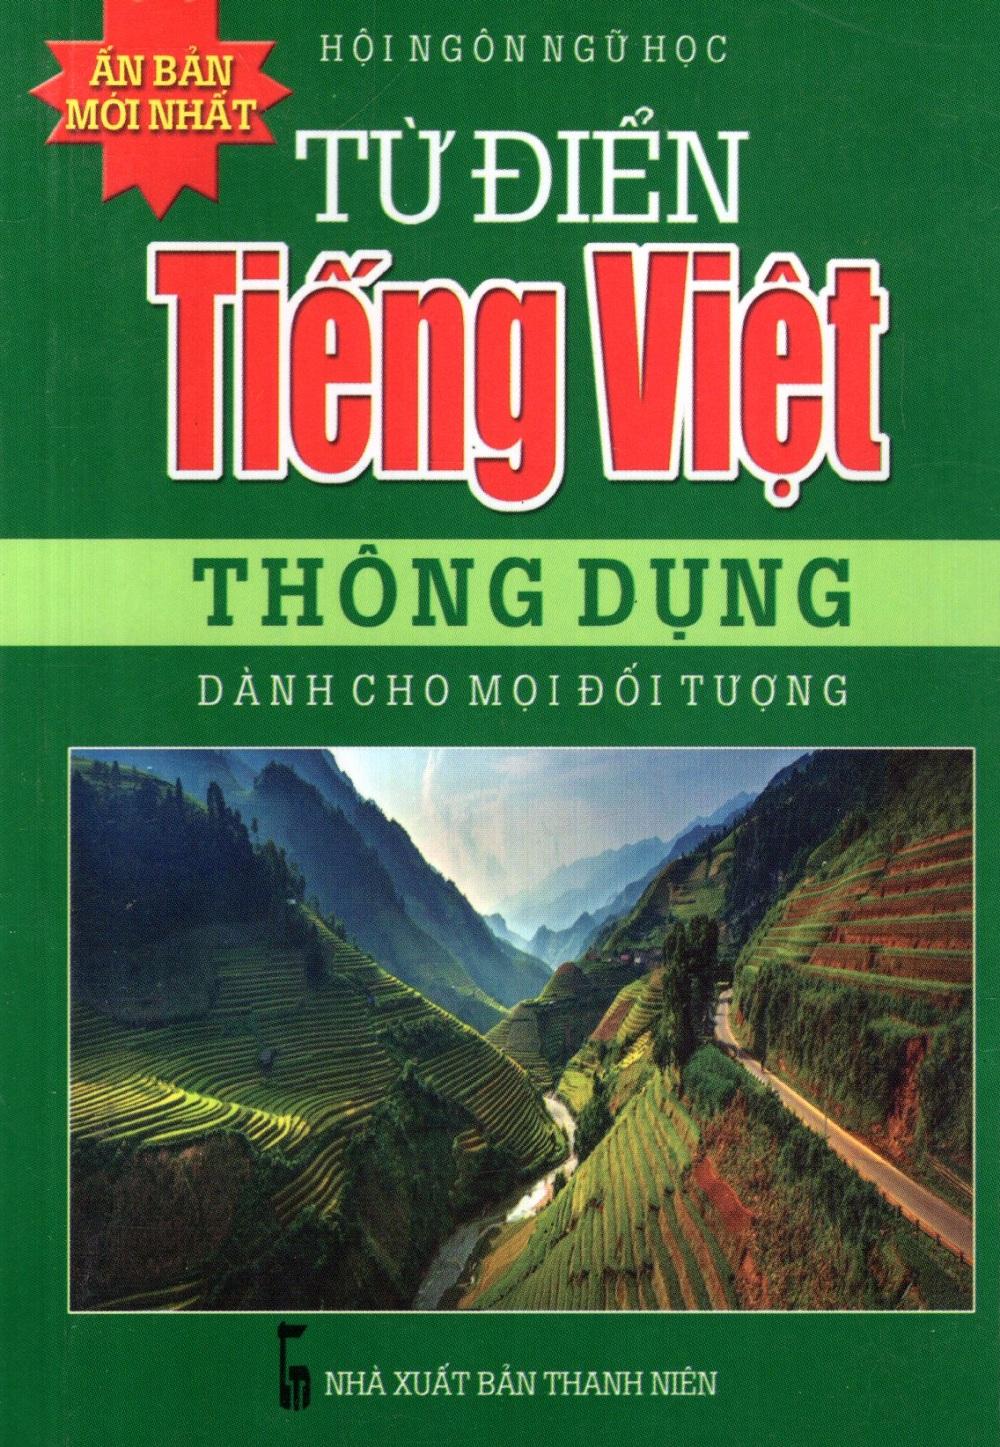 Bìa sách Từ Điển Tiếng Việt Thông Dụng (Dành Cho Mọi Đối Tượng) - Sách Bỏ Túi